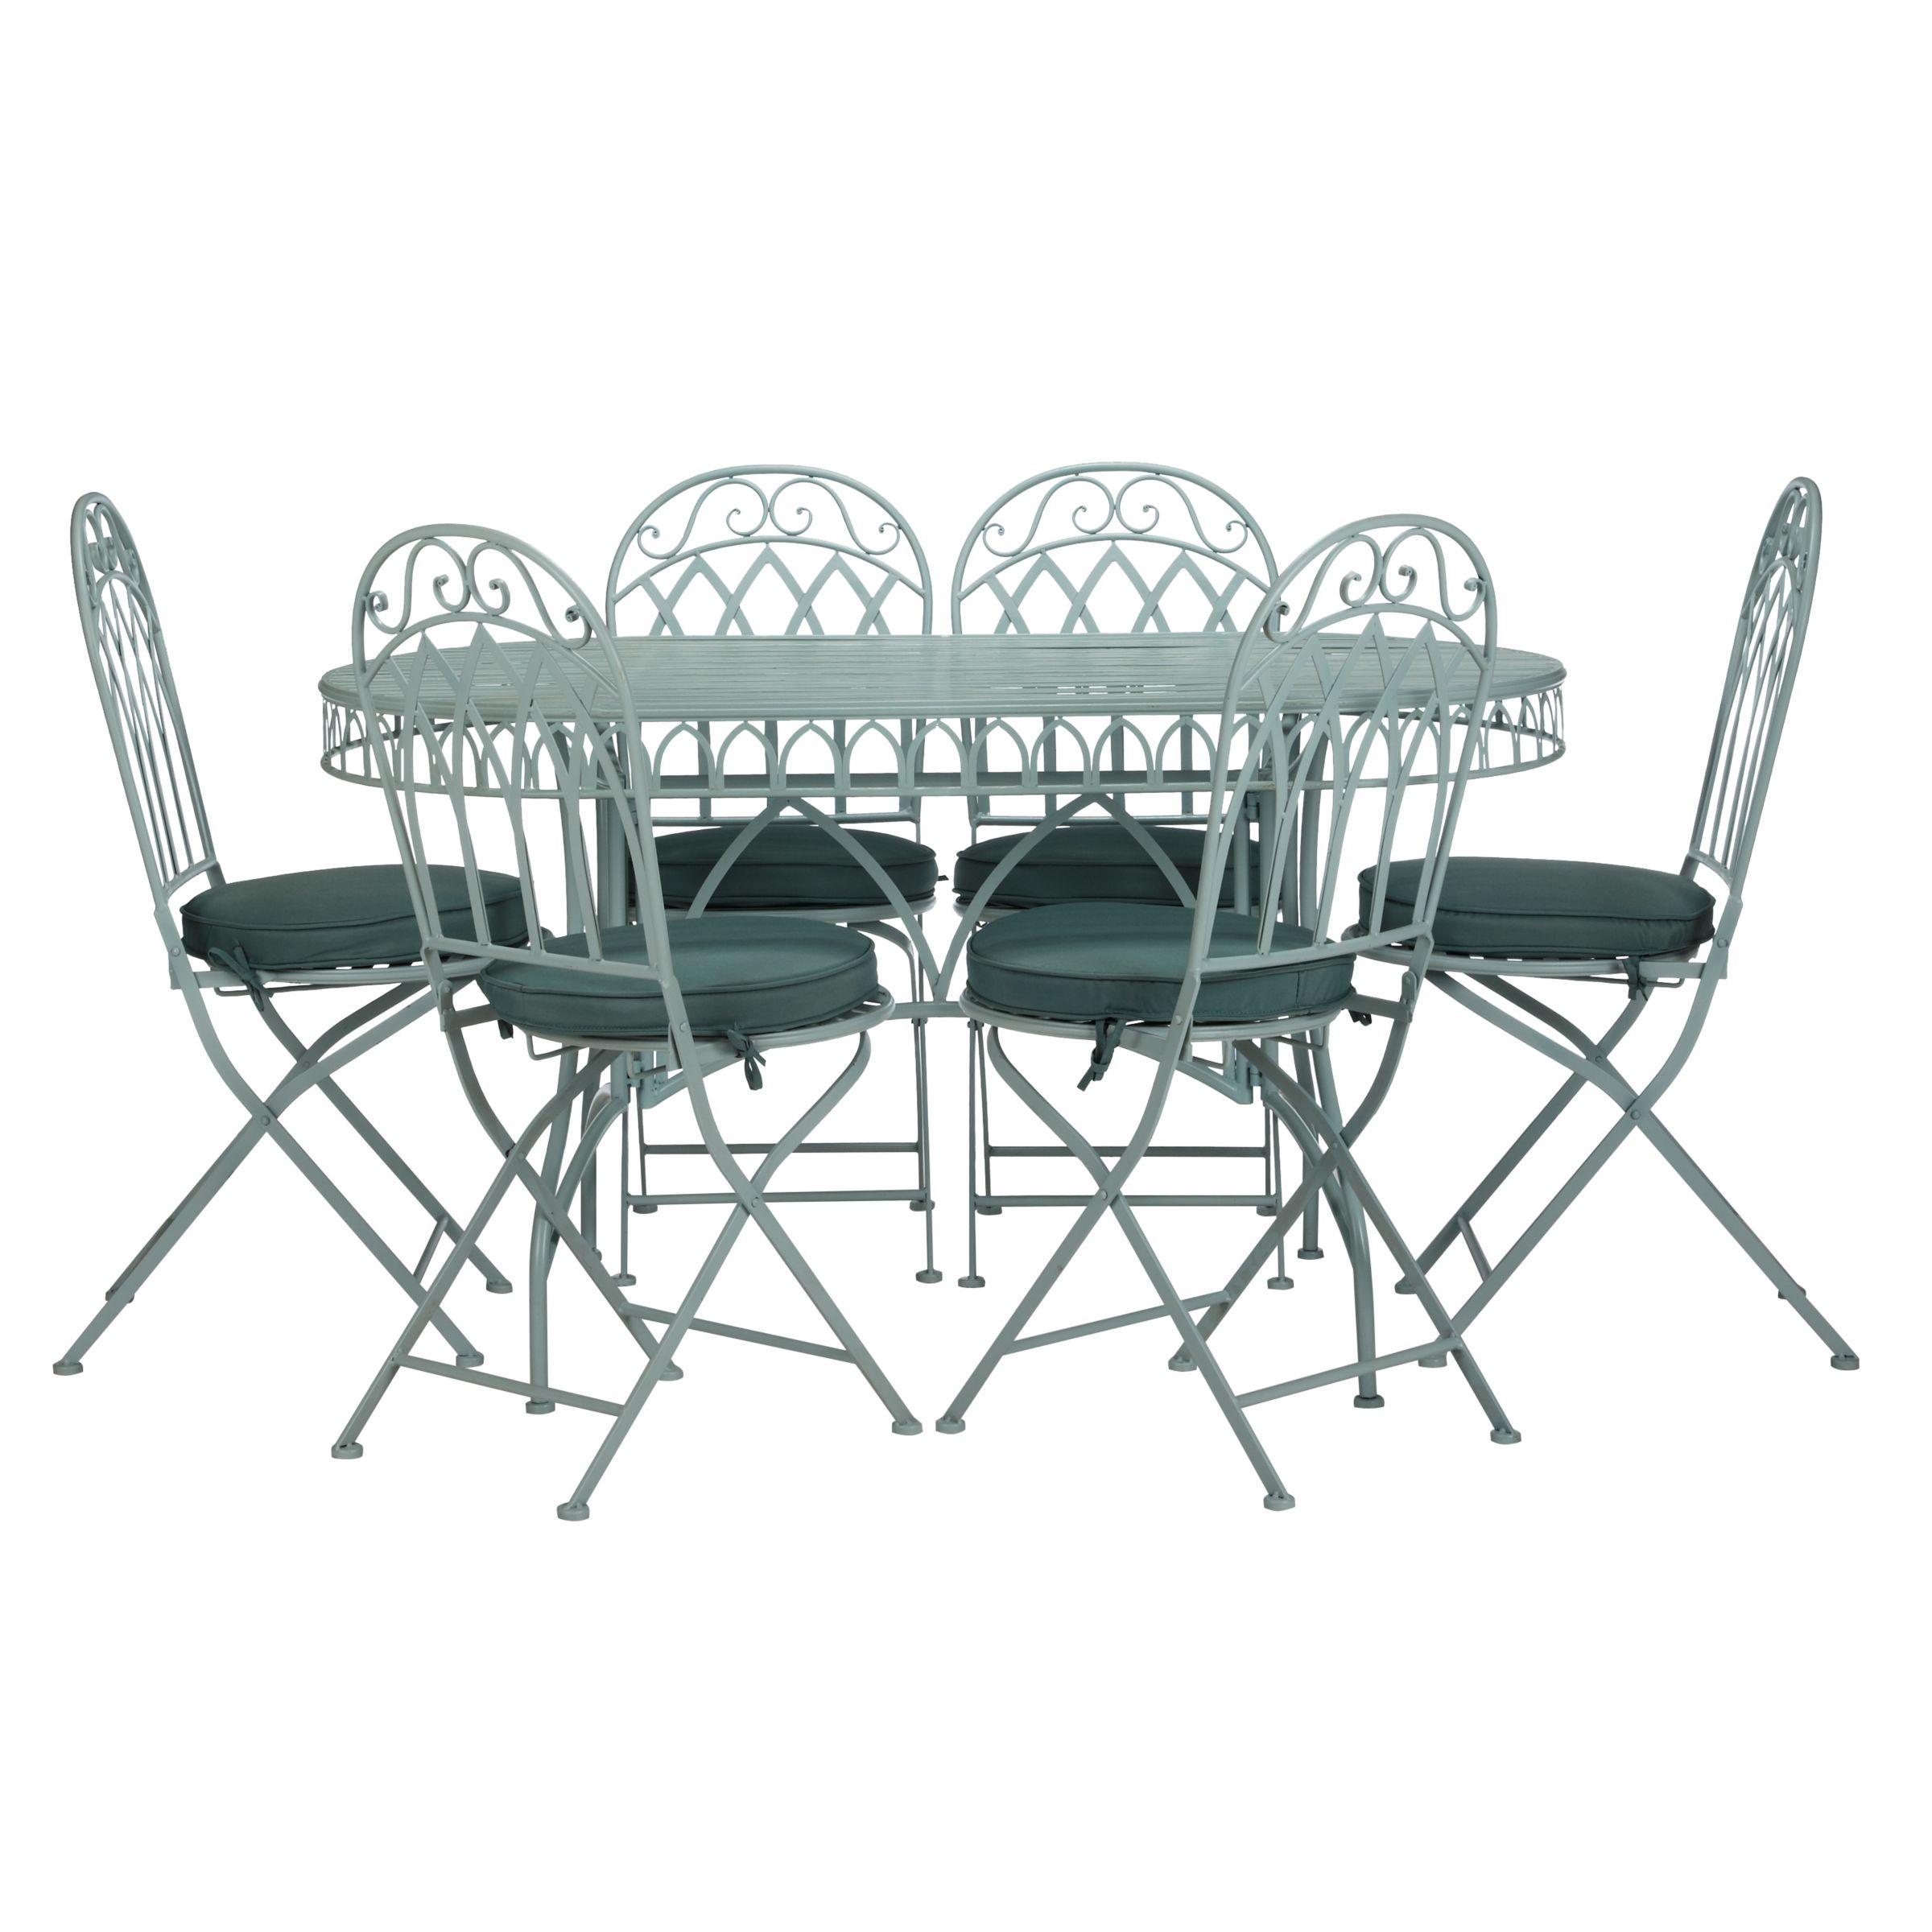 John Lewis Vichy 6 Seater Dining Set, Pale Silver Sage